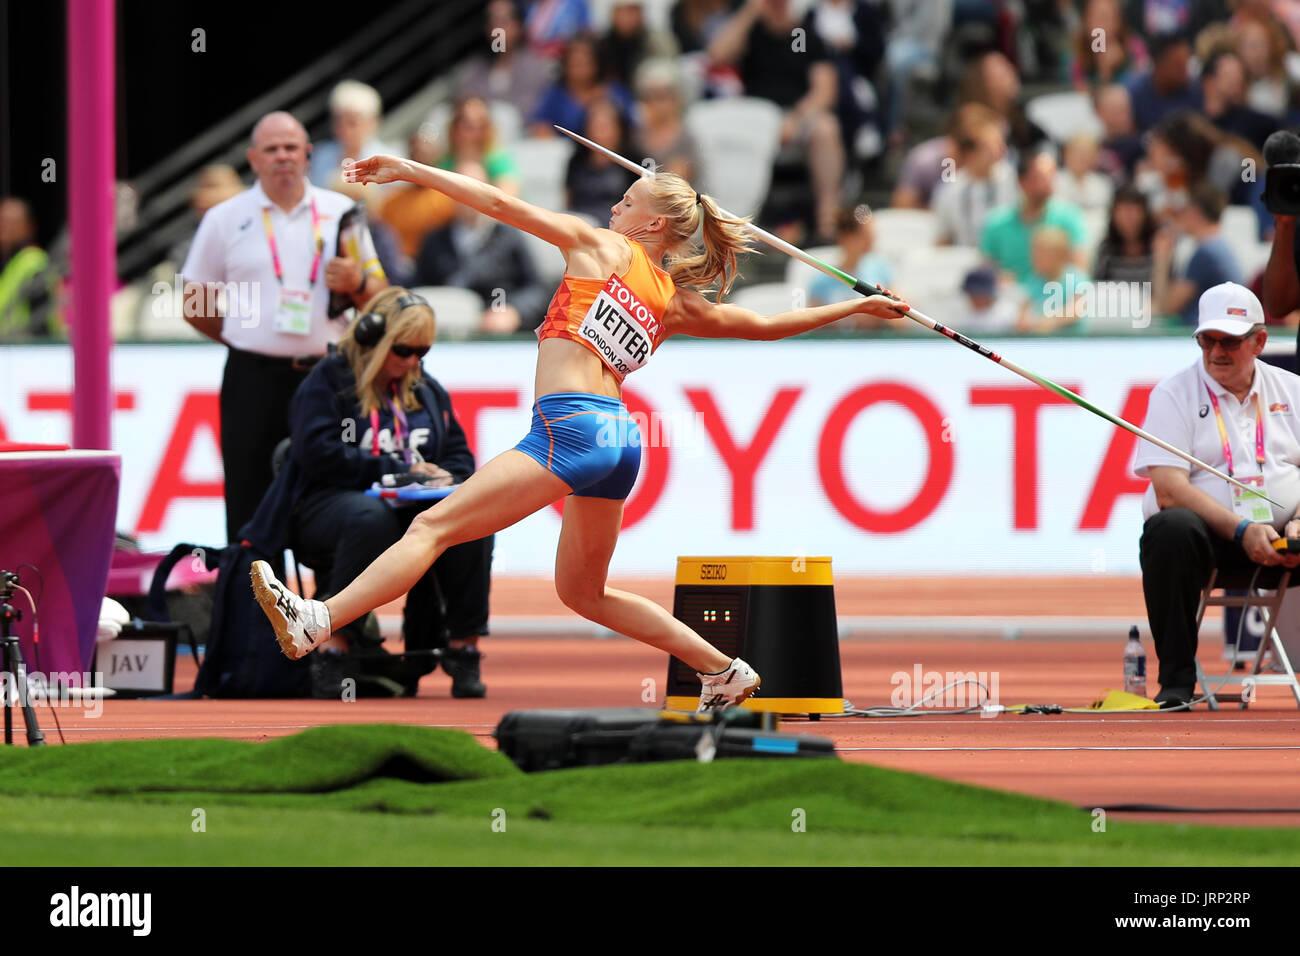 Londra, Regno Unito. 6 agosto 2017. Anouk VETTER dei Paesi Bassi in concorrenza nel heptathlon giavellotto a 2017, IAAF Campionati del Mondo, Queen Elizabeth Olympic Park, Stratford, Londra, Regno Unito. Credito: Simon Balson/Alamy Live News Foto Stock